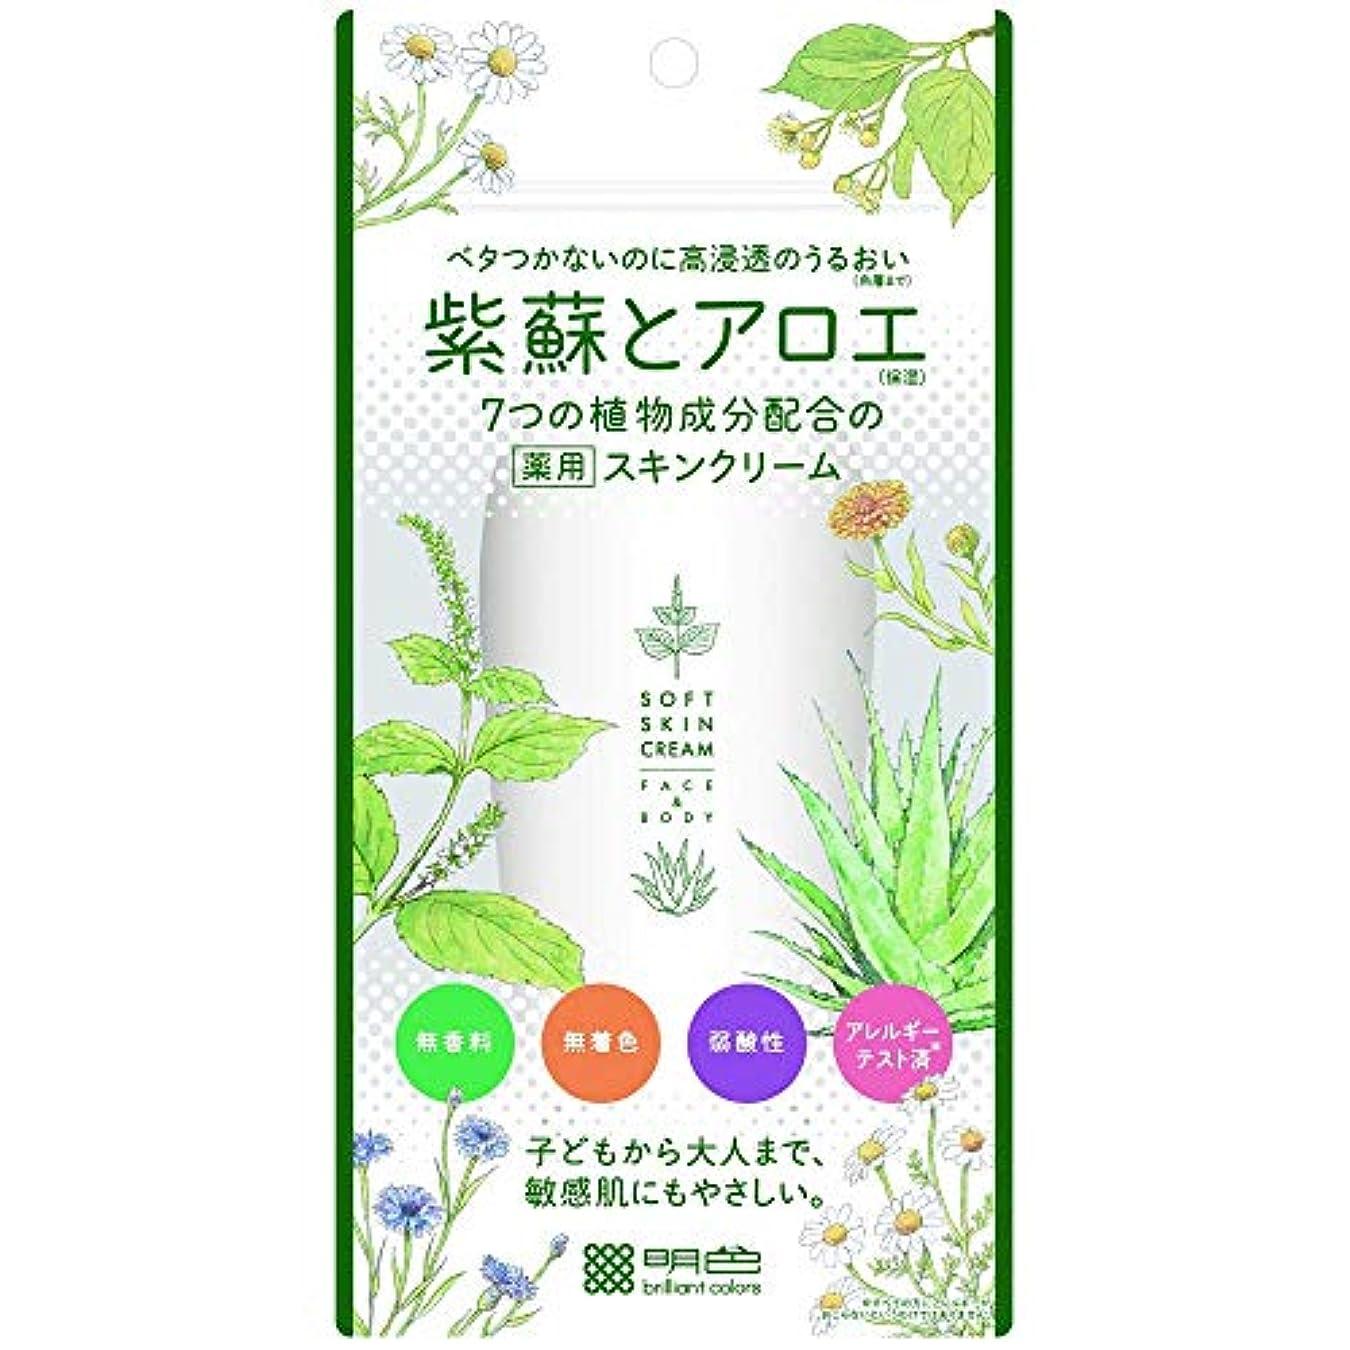 従来の既婚治世【5個セット】紫蘇とアロエ 薬用スキンクリーム 190g